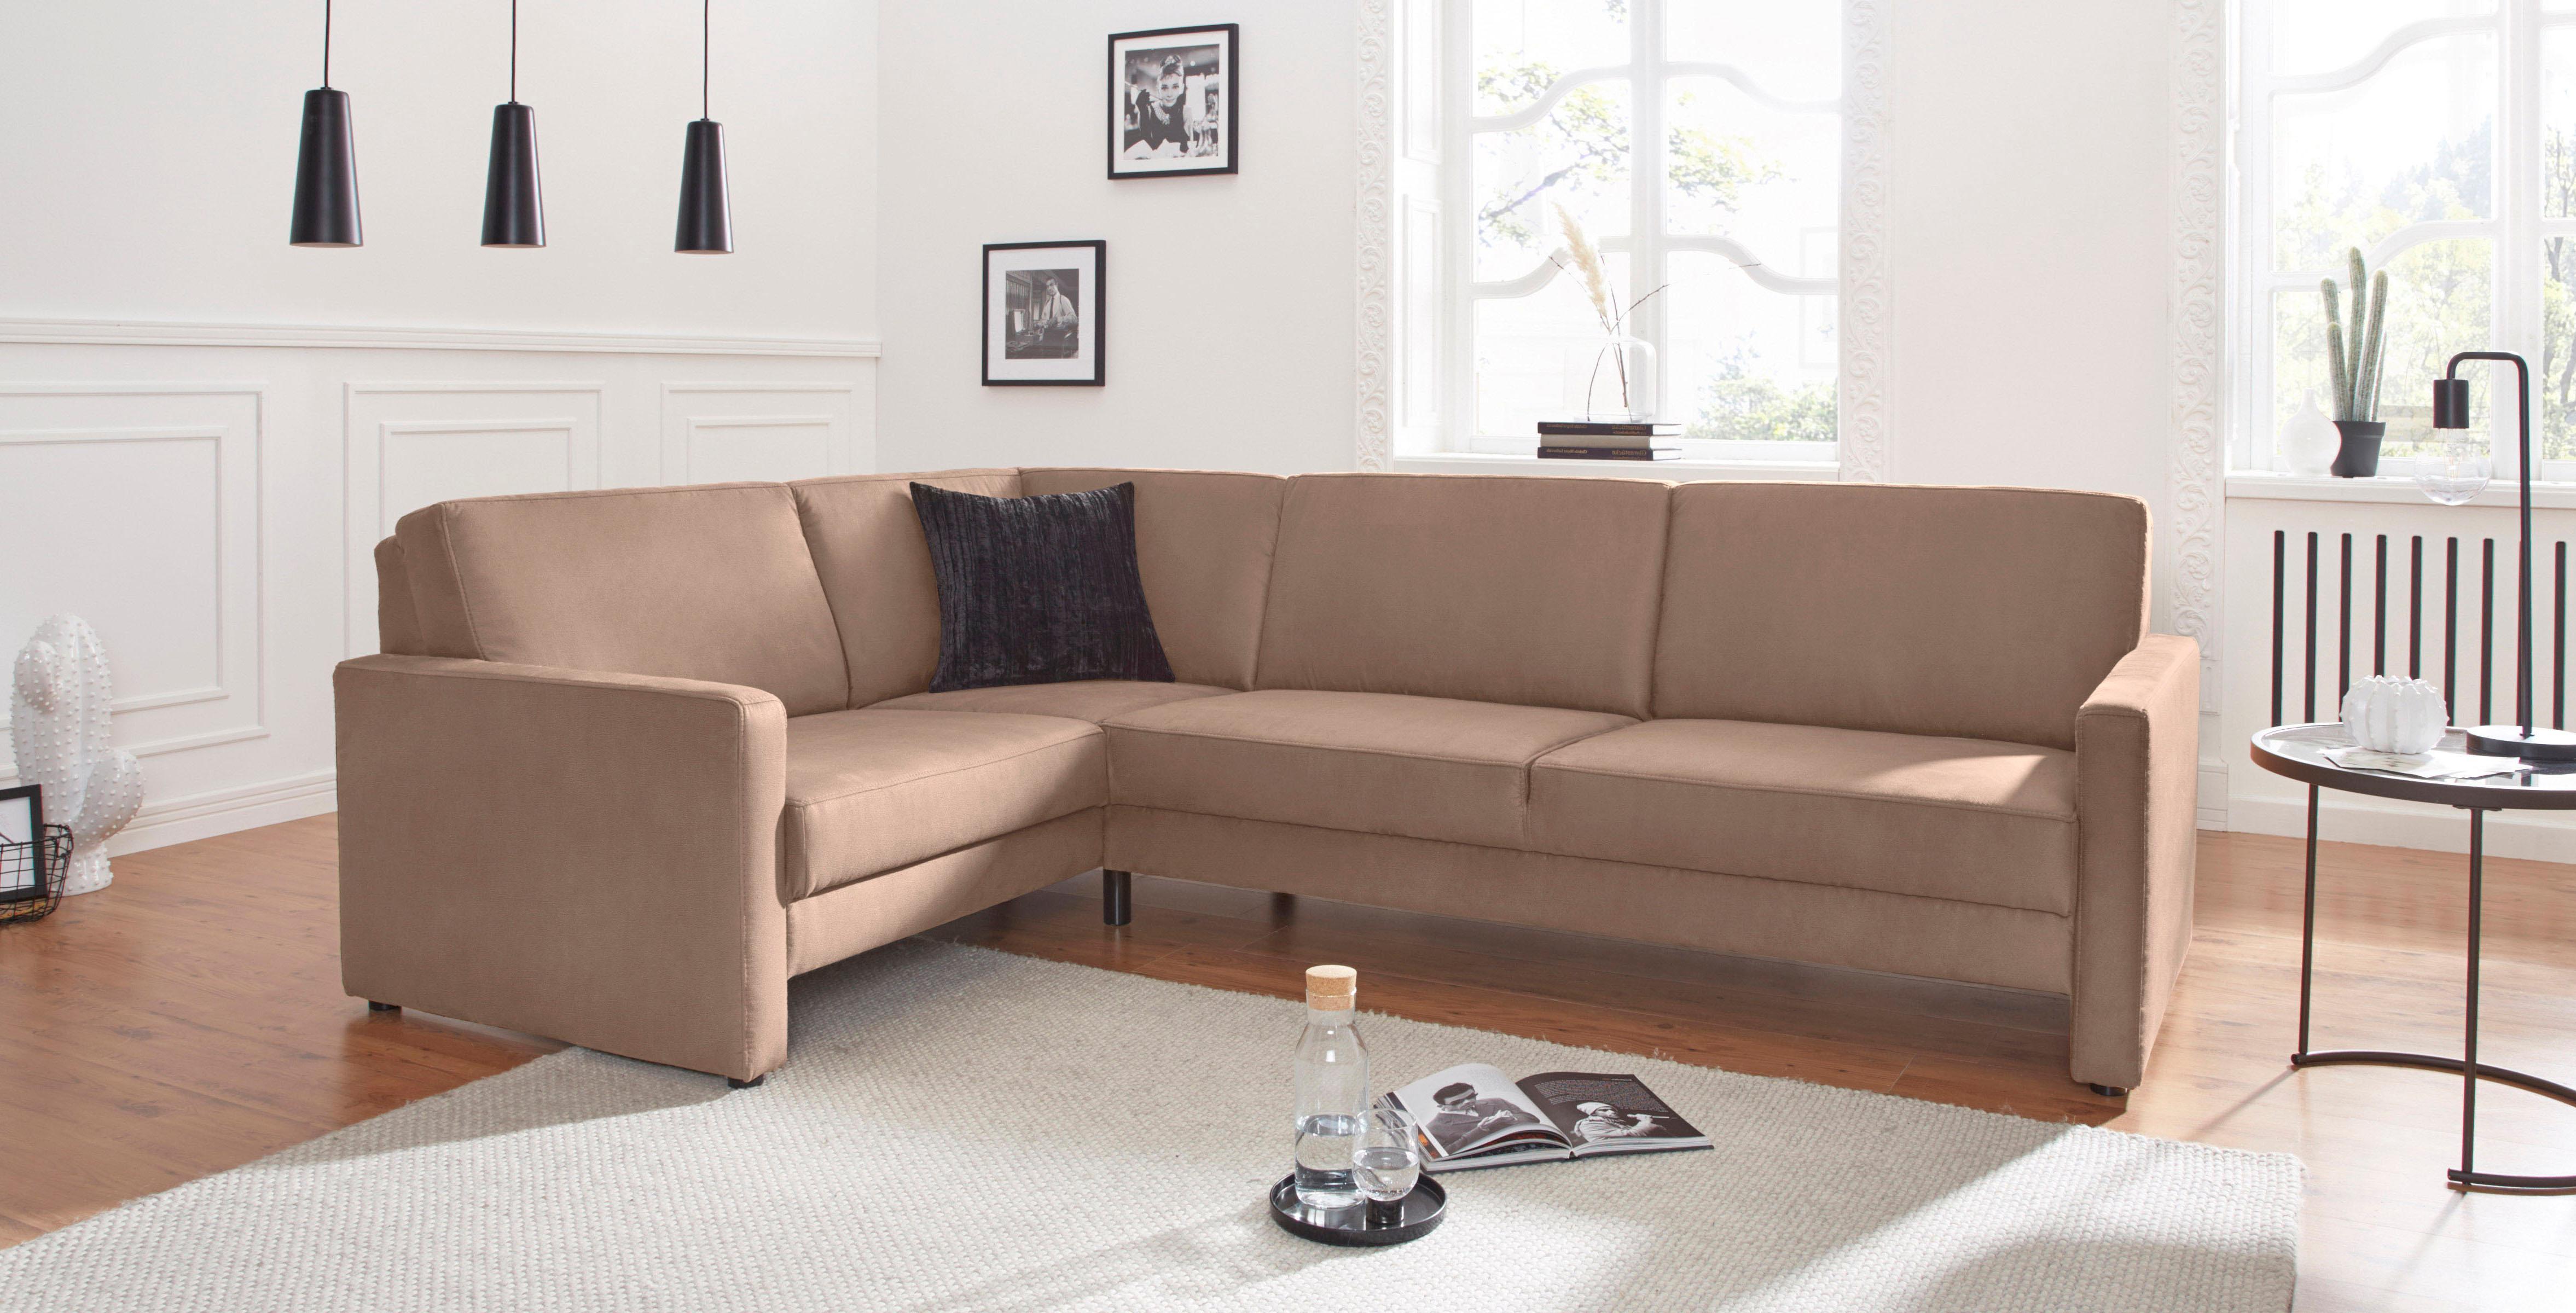 domo collection ecksofa auf rechnung kaufen baur. Black Bedroom Furniture Sets. Home Design Ideas